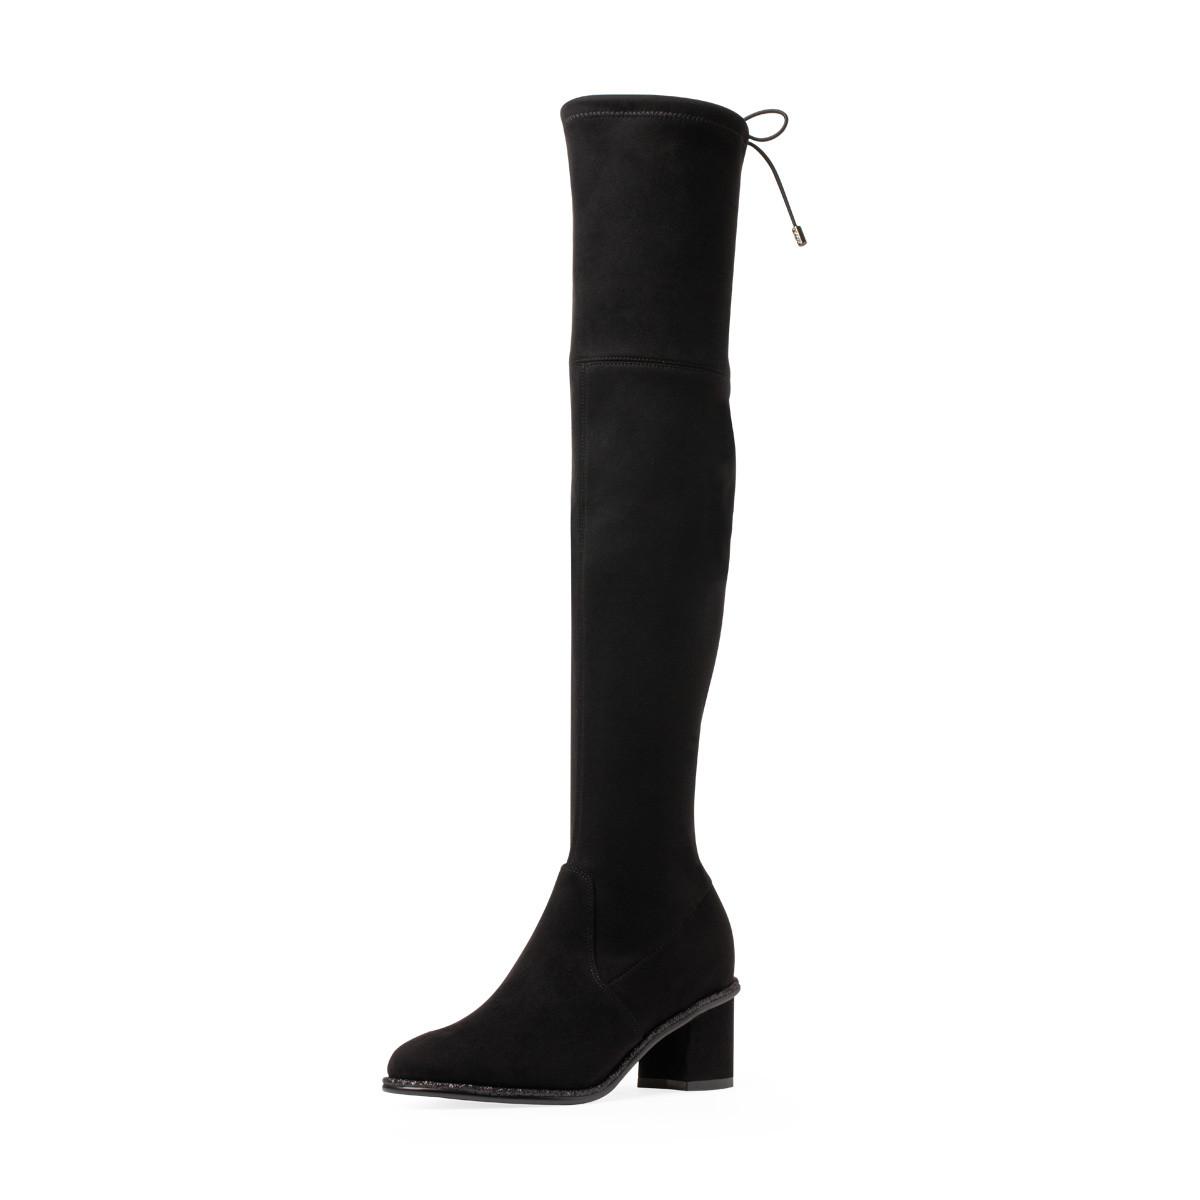 卡迪娜【专柜同款】卡迪娜冬新品【增高显瘦大长腿】过膝女高筒长靴KLA93005-010